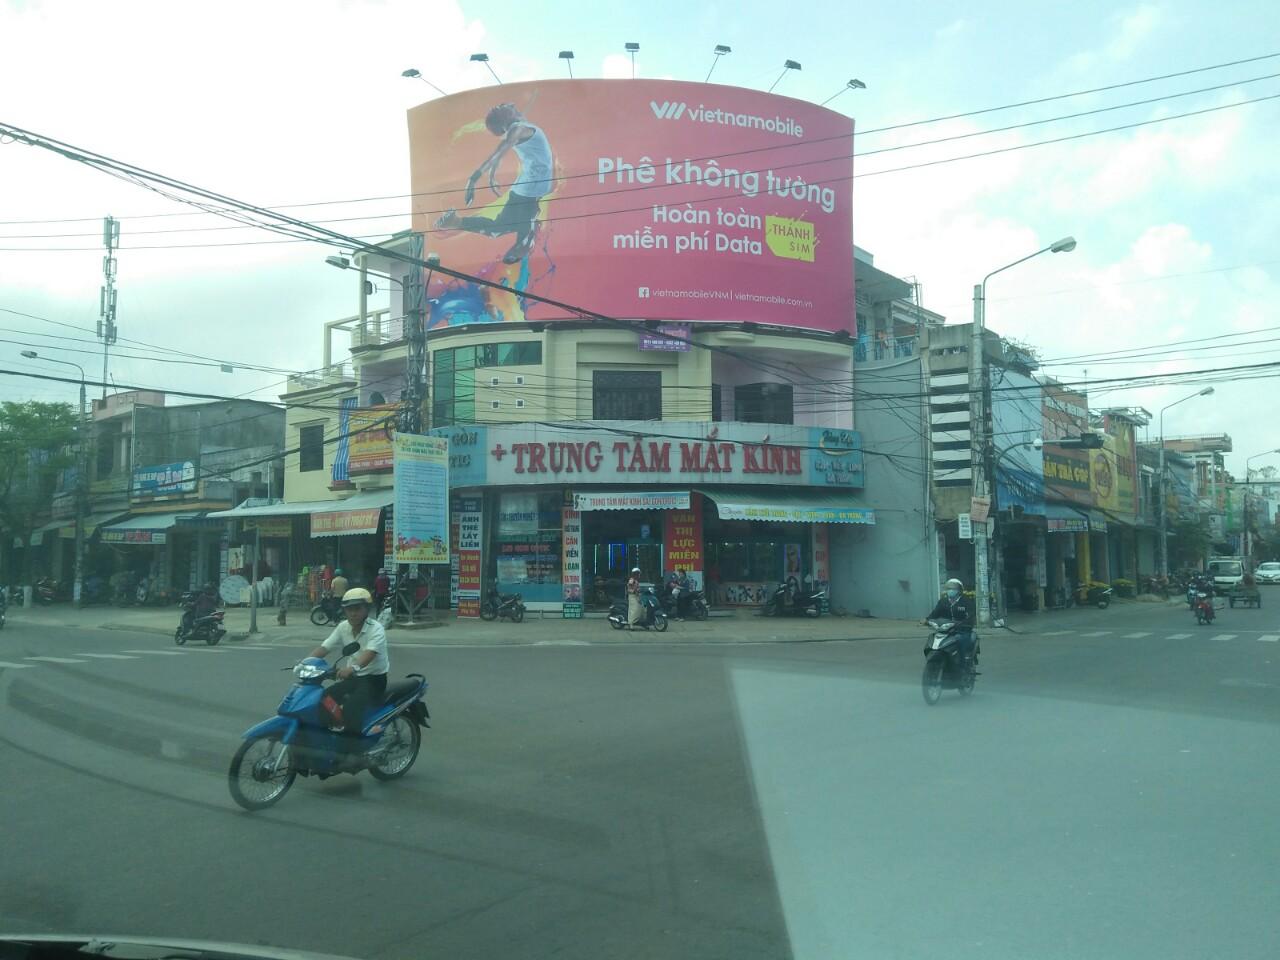 NGÃ TƯ PHAN CHU TRINH + TRẦN CAO VÂN - QNA-4678